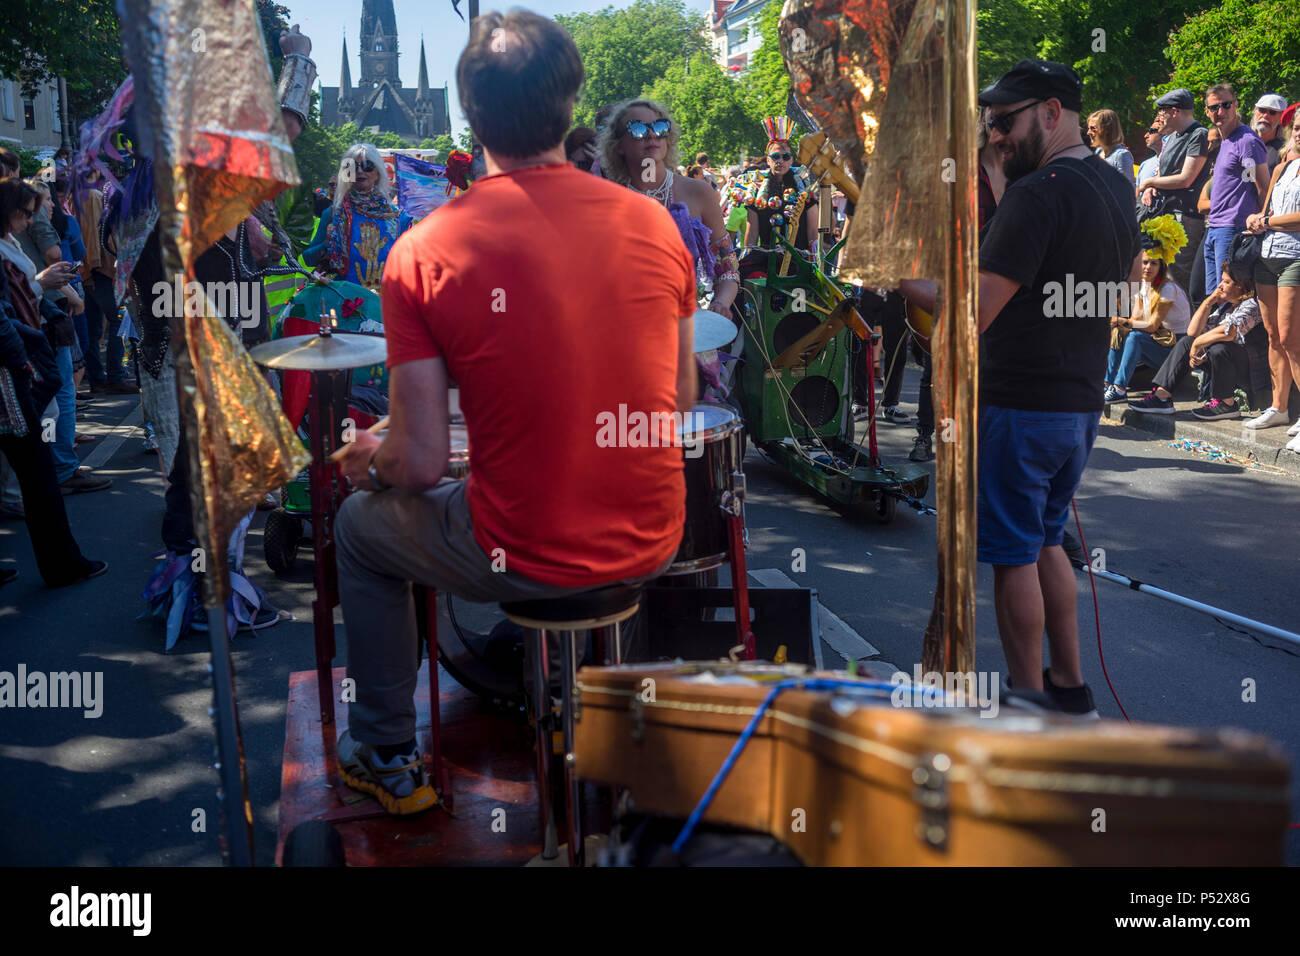 Die Street Parade ist der Höhepunkt des Karnevals der Kulturen zu Pfingsten Wochenende in Berlin. Stockbild